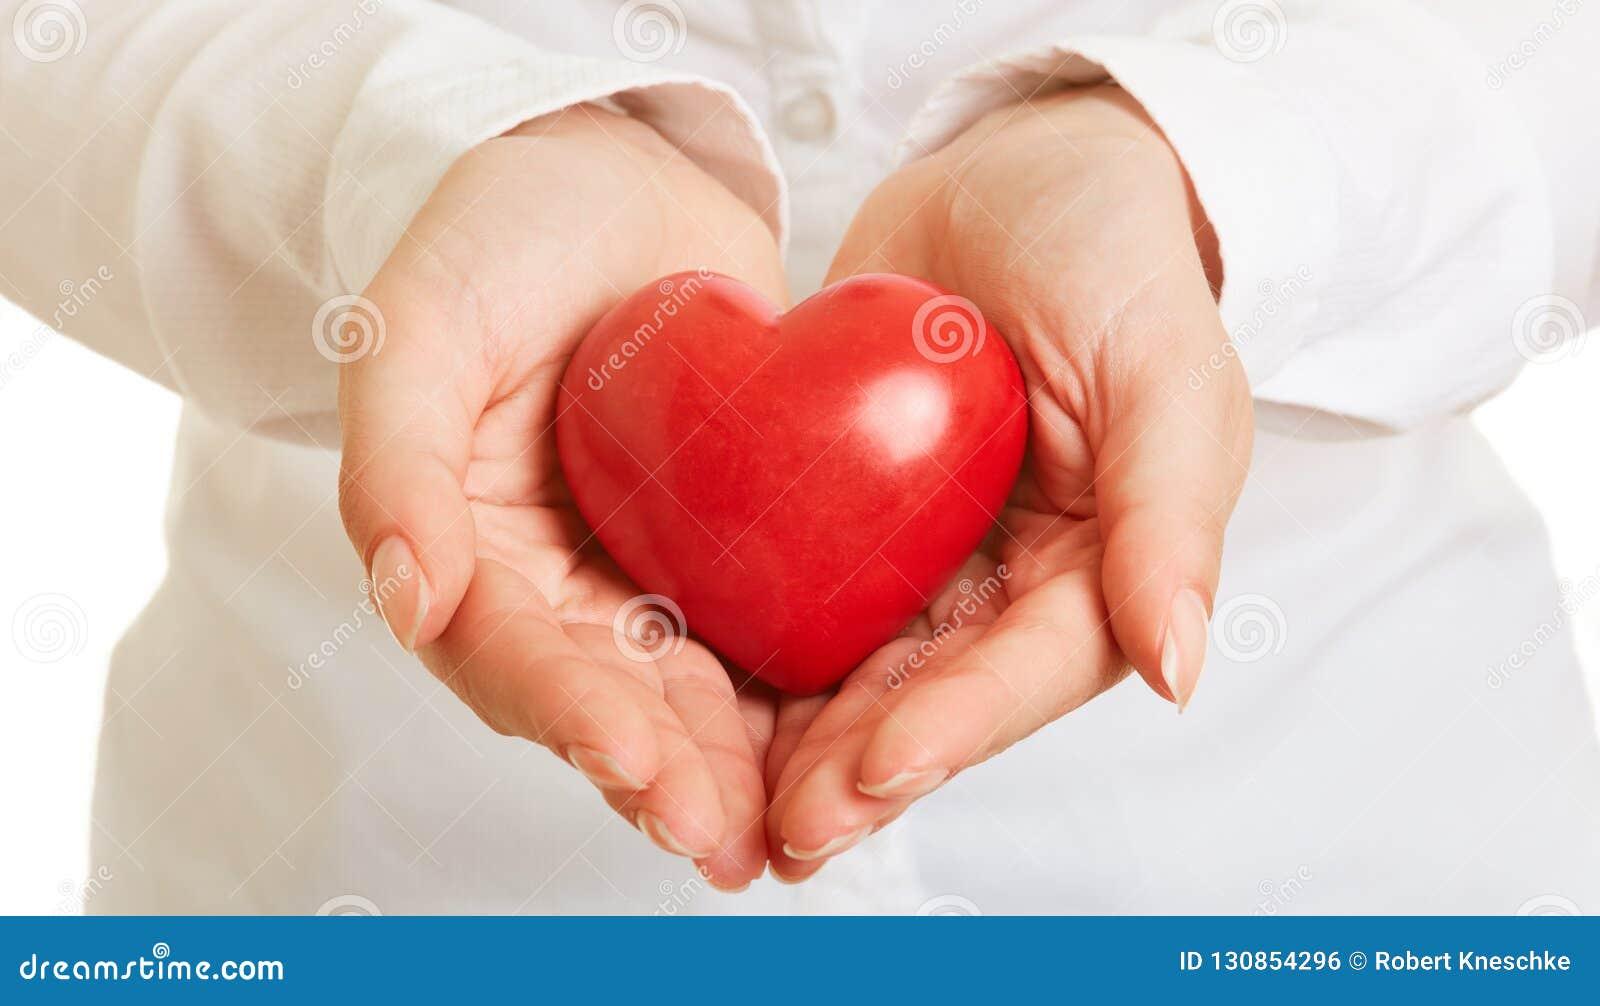 Ręka chwyta serce jako zdrowie środka ostrożności pojęcie